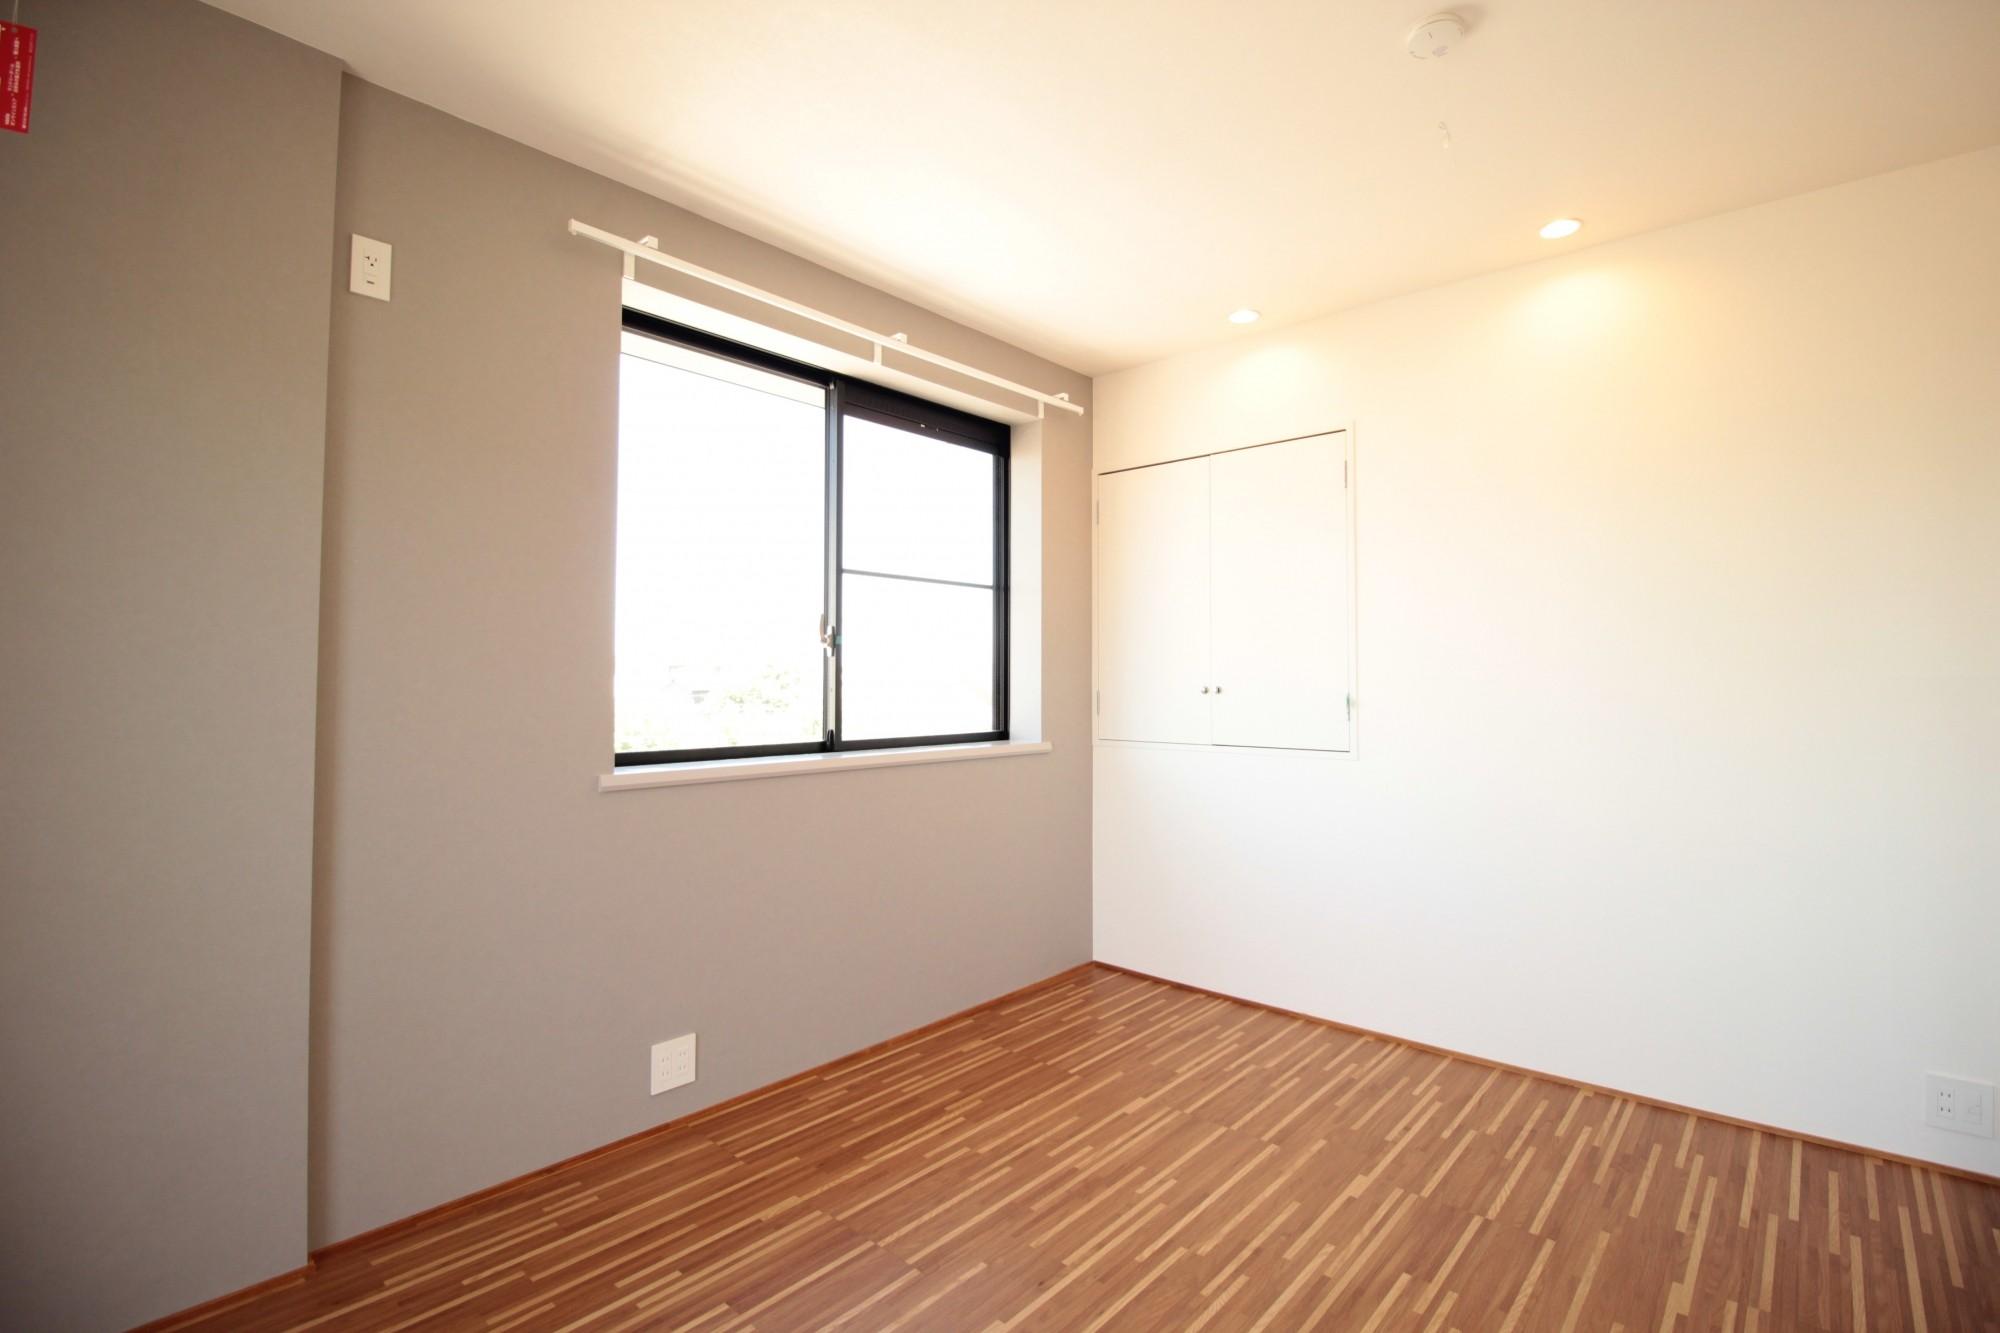 その他事例:ベッドルーム(無垢材と色にこだわった家)